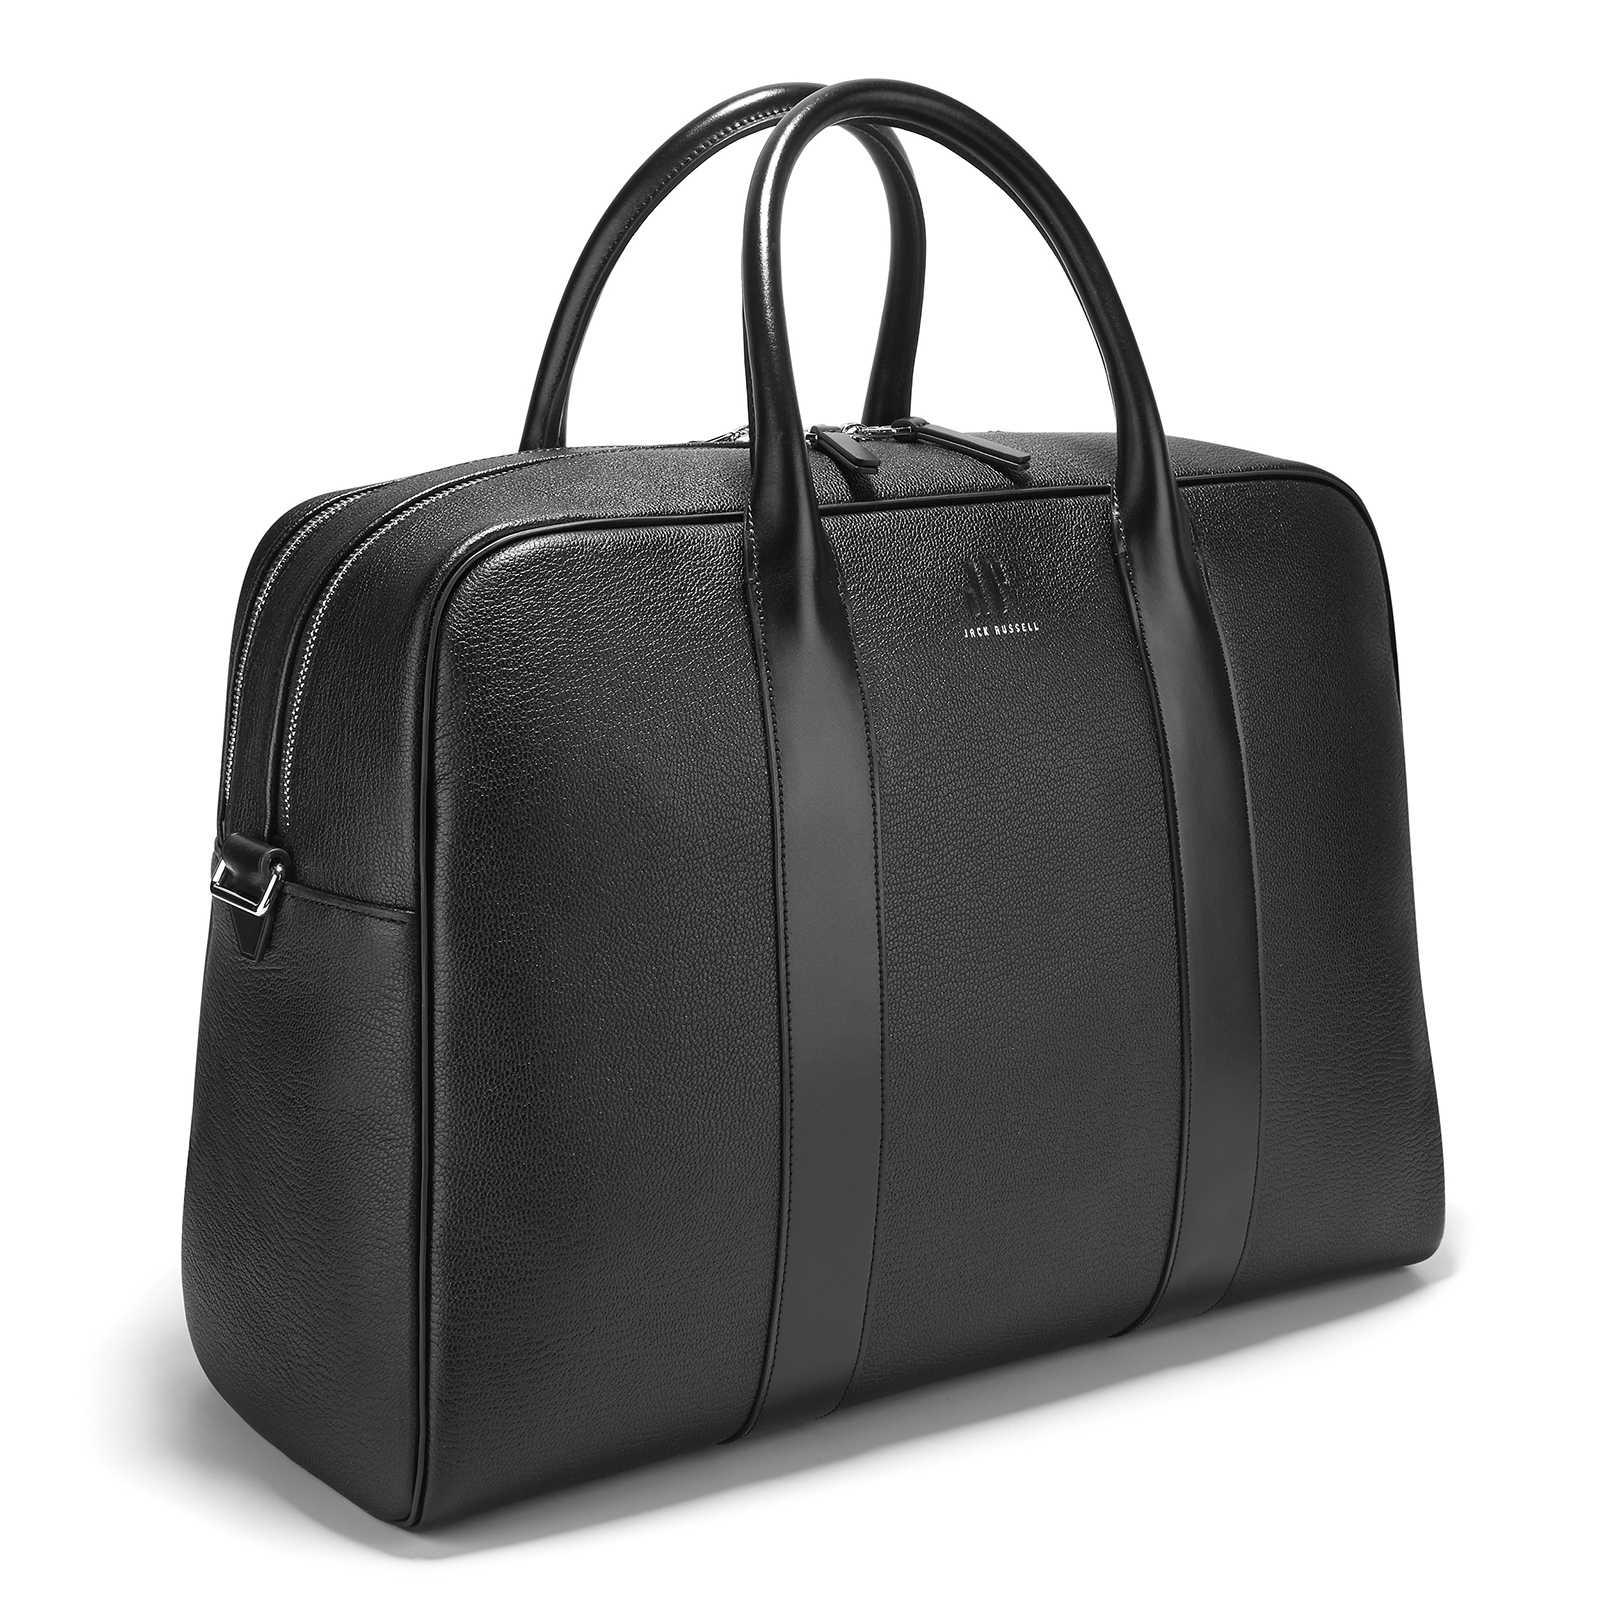 Jack Russel Bags